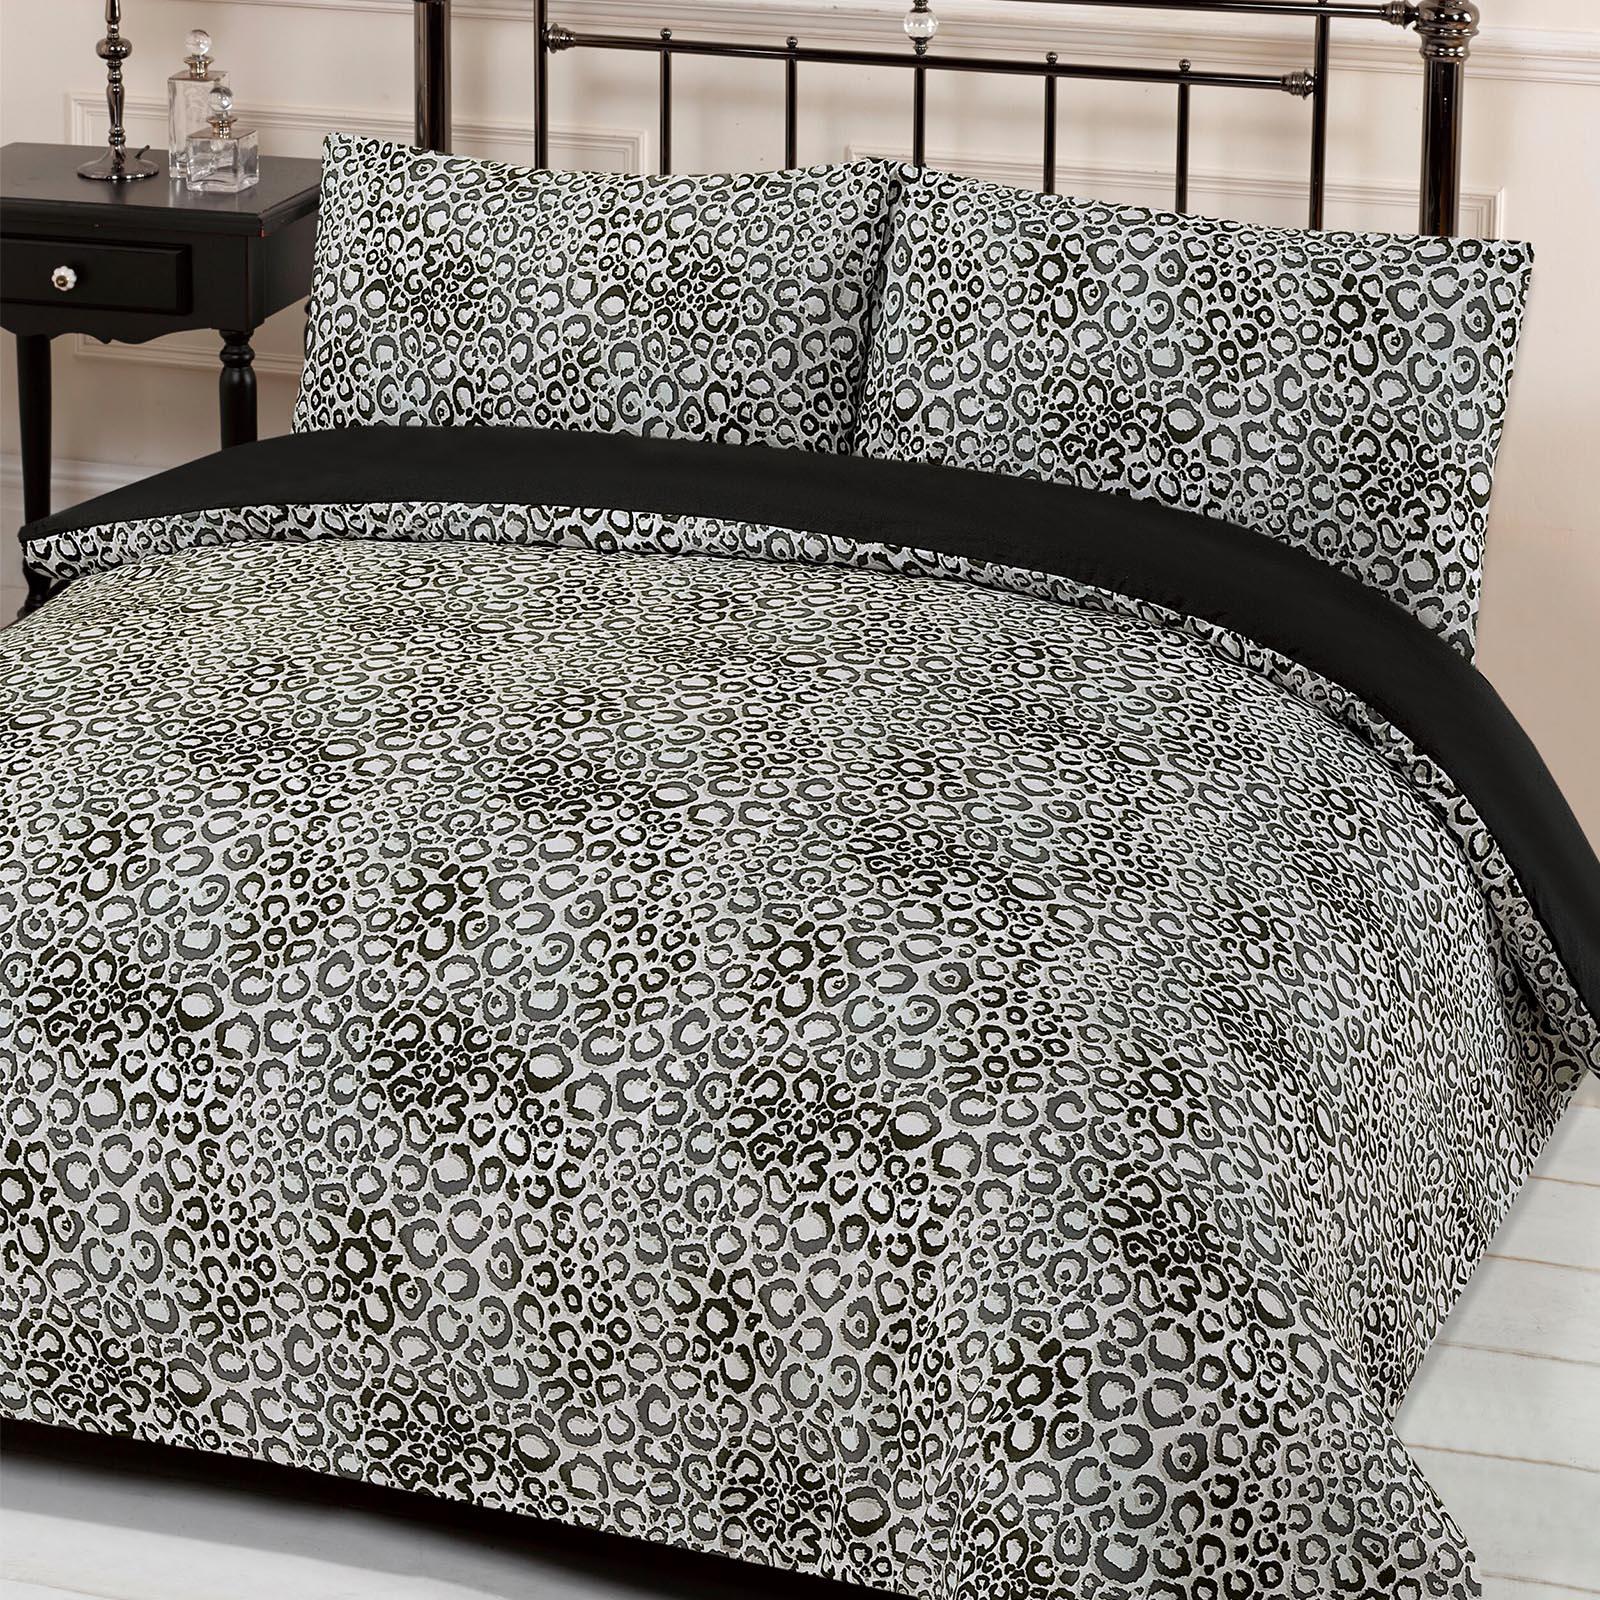 Leopard Print Quilt Cover With Pillowcase Duvet Bedding Set Jengo